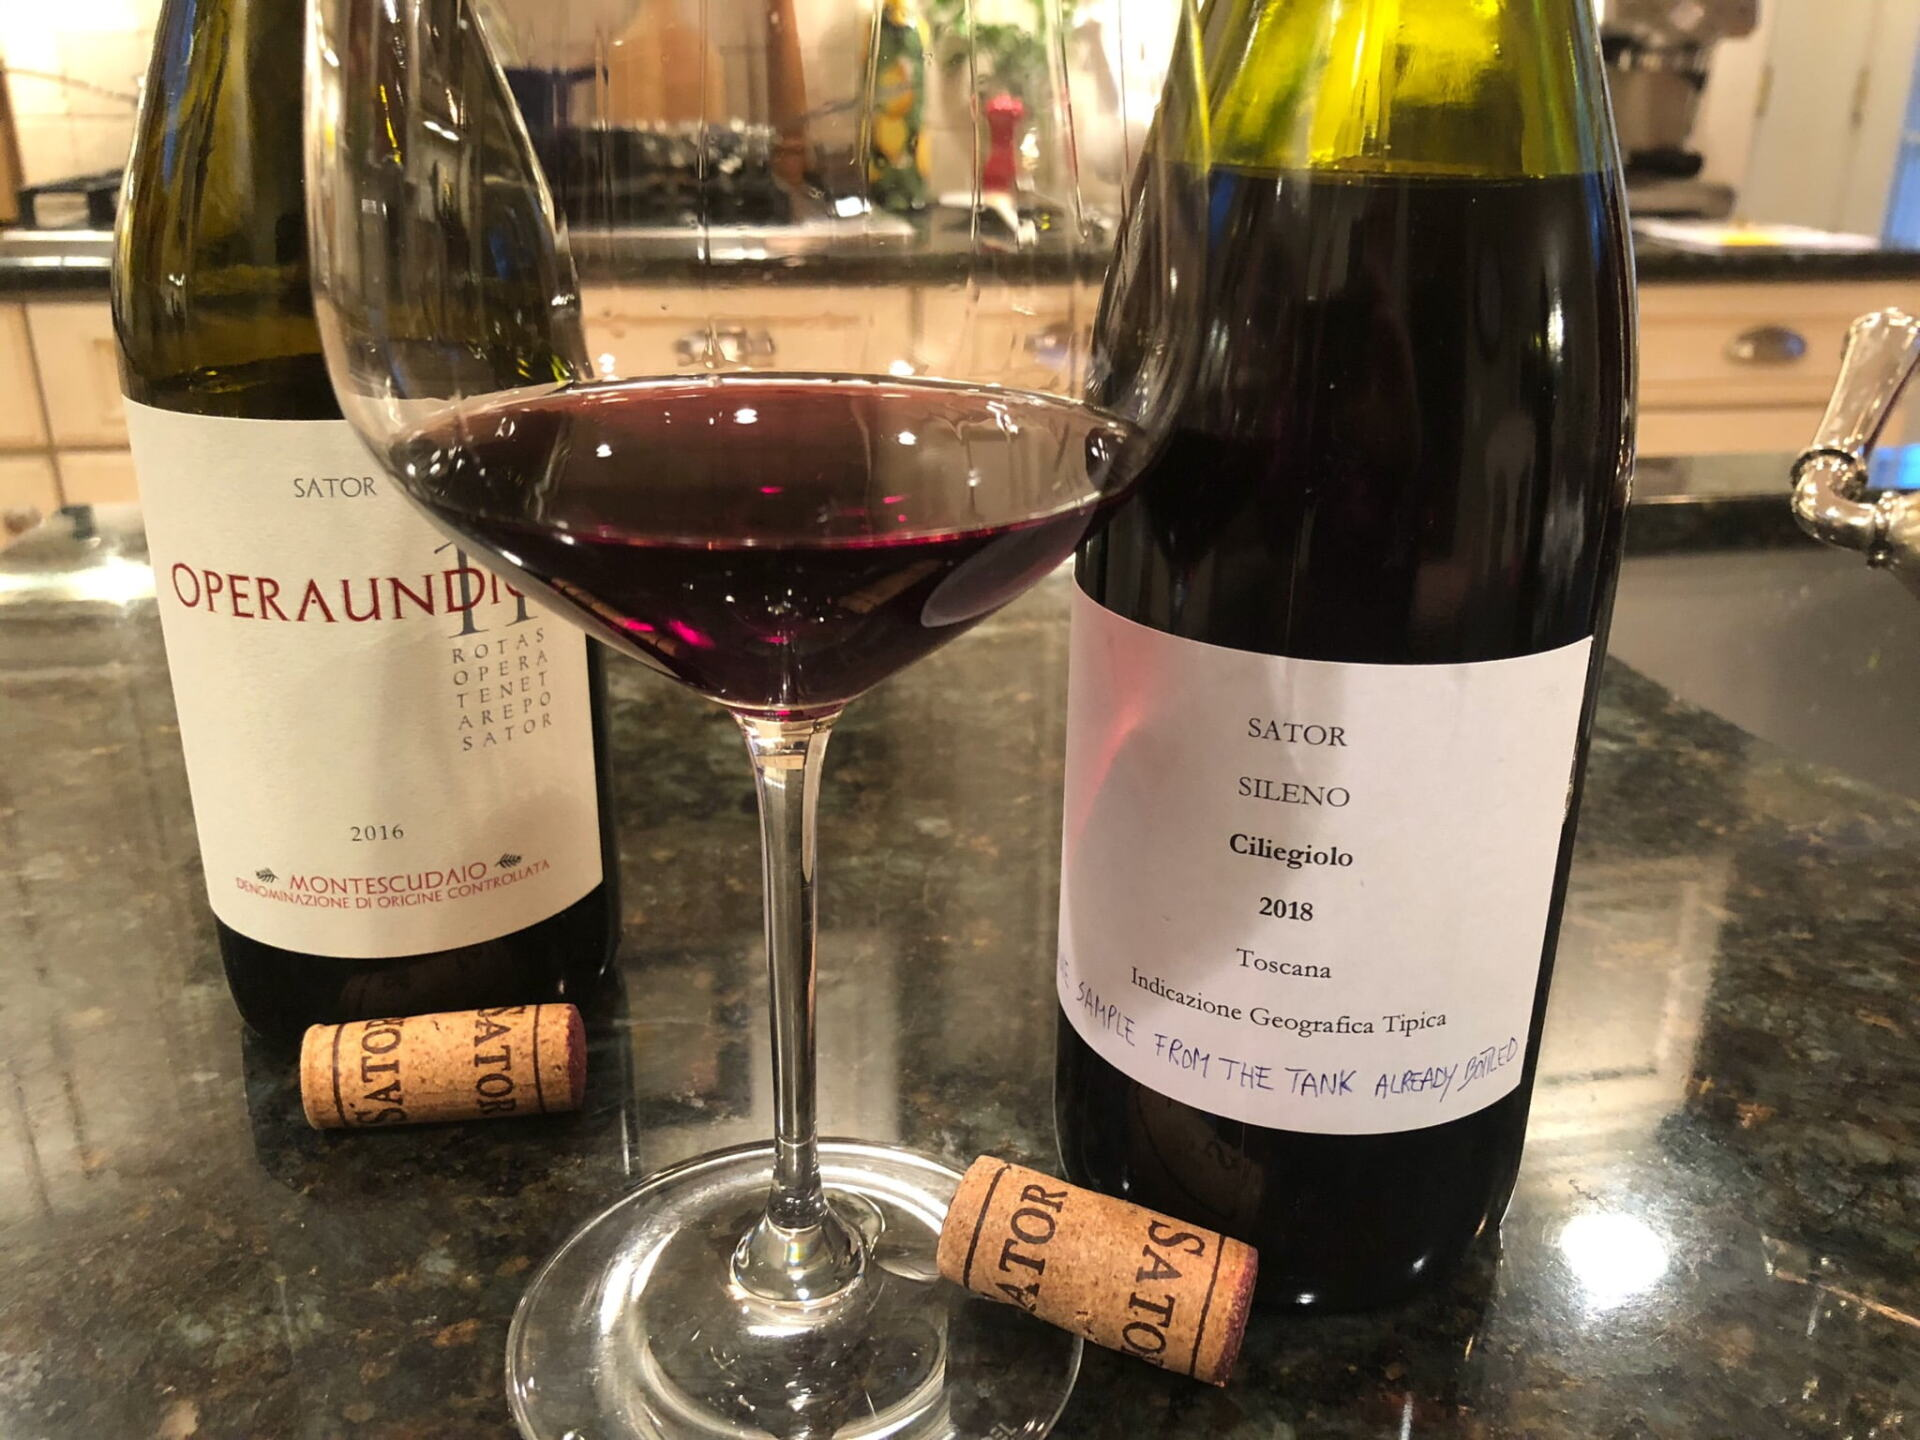 Sator Wine